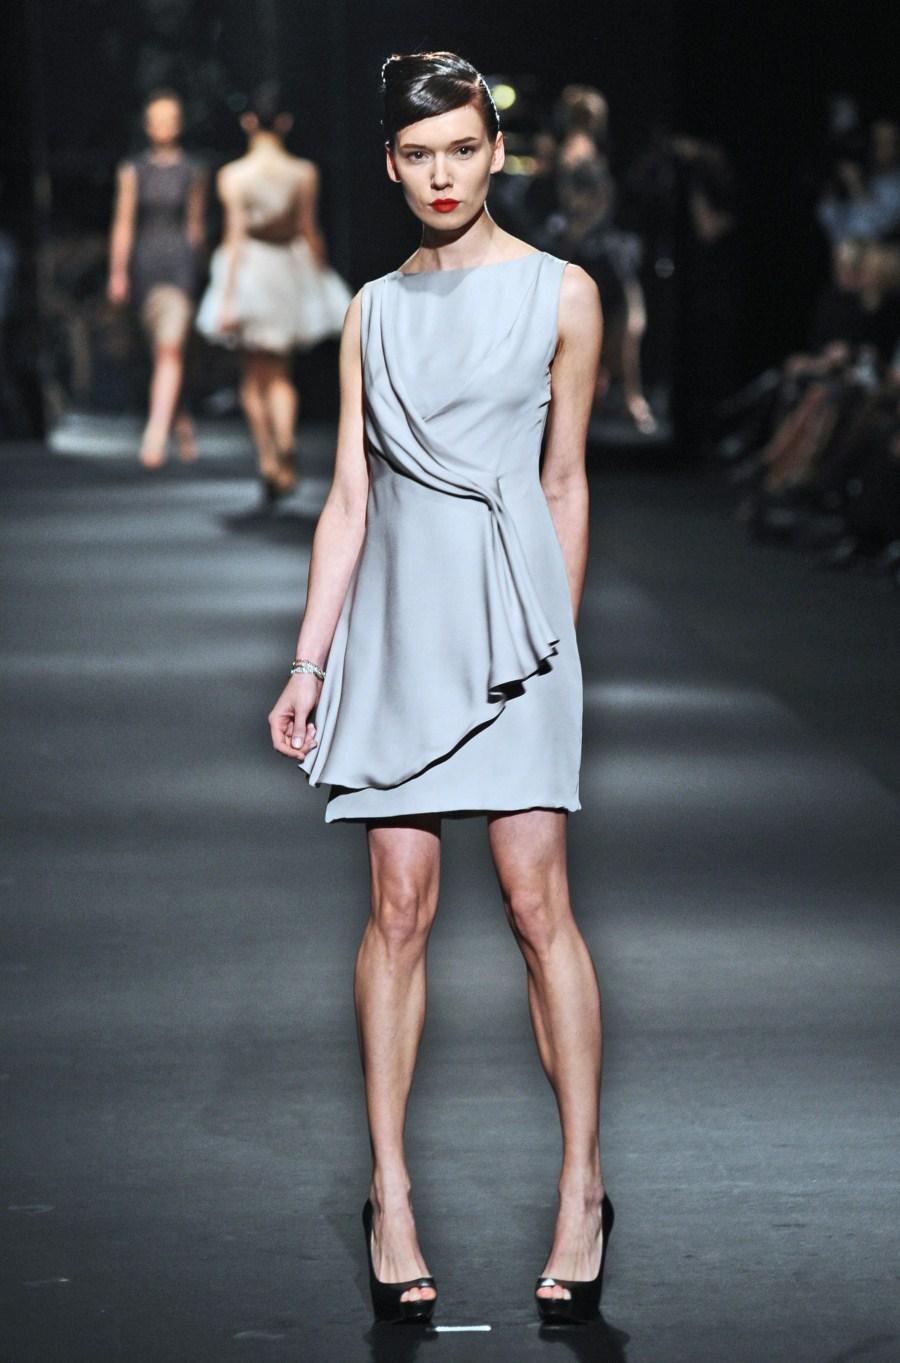 srebrna sukienka Zień - wiosna/lato 2011